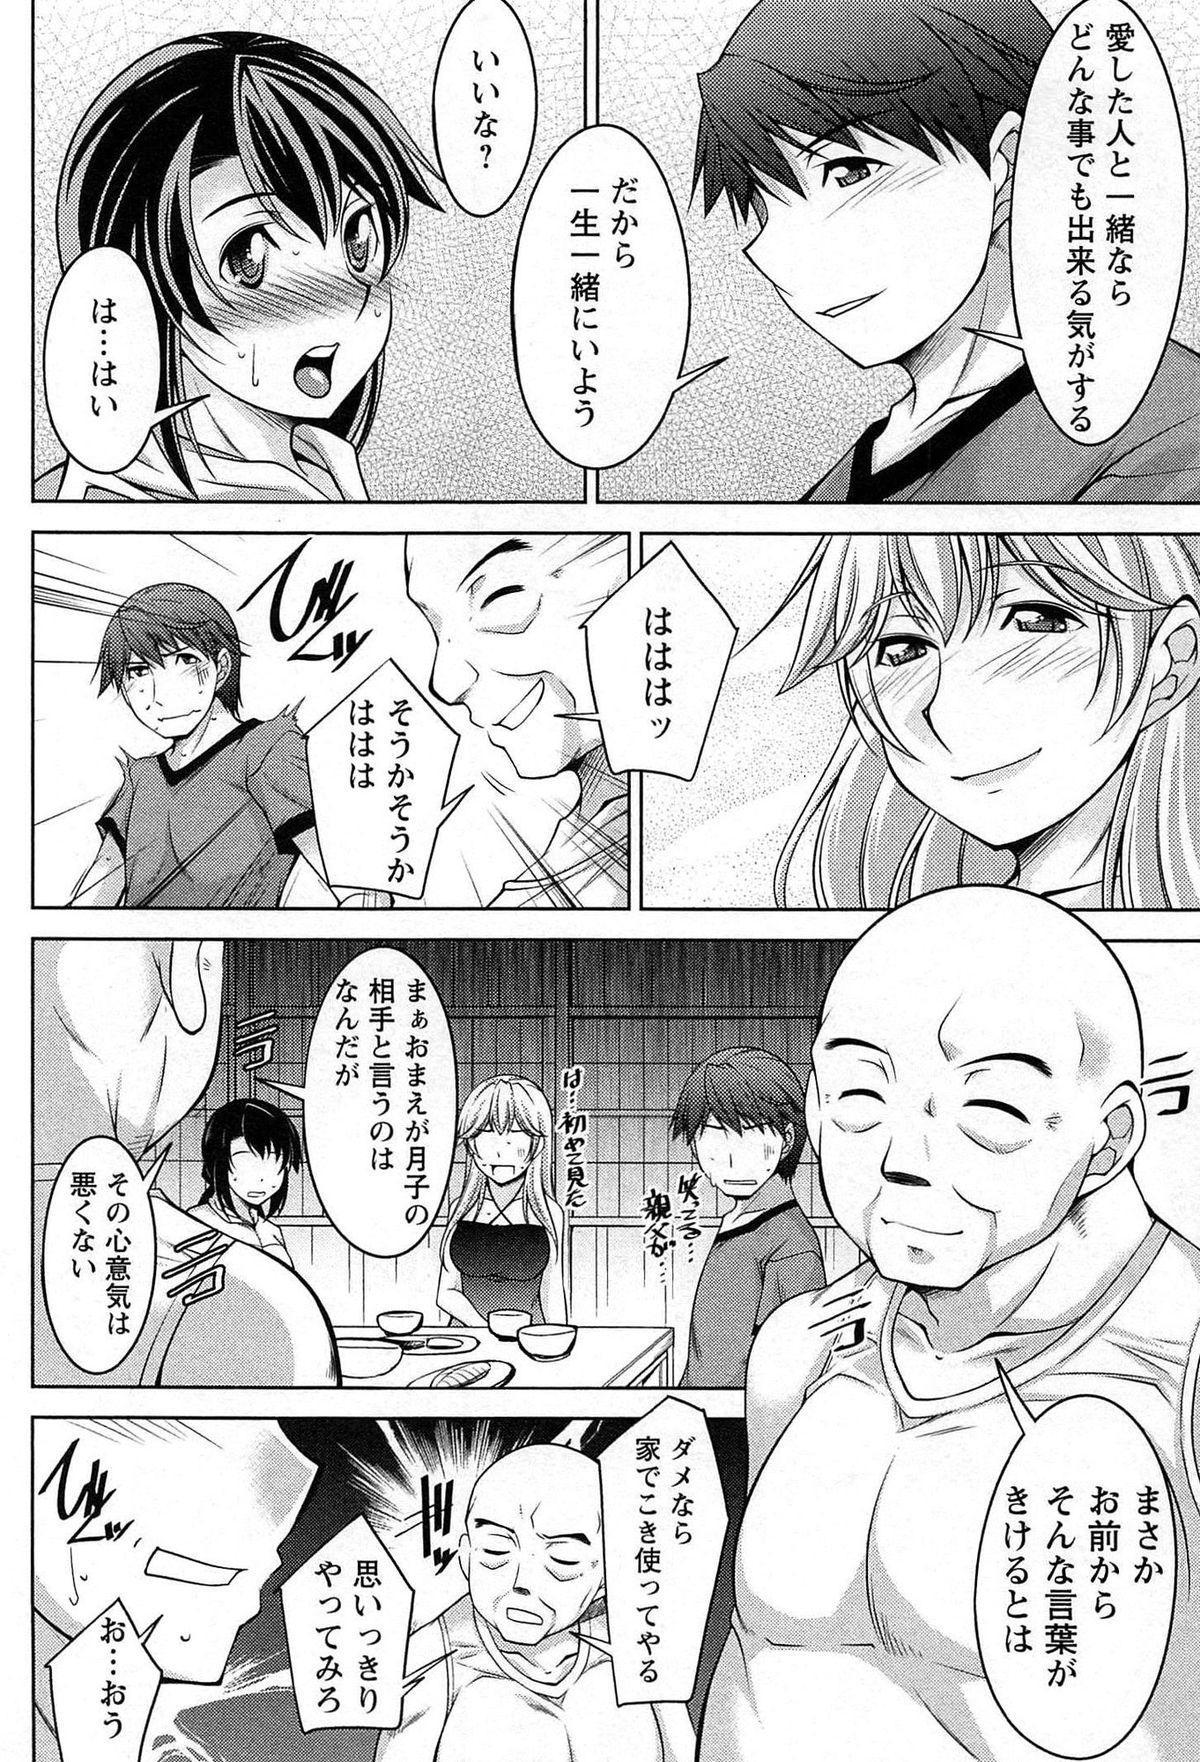 [zen9] Tsuki-wo Ai-Shite - Tsuki-ni Koi-shite 2 162